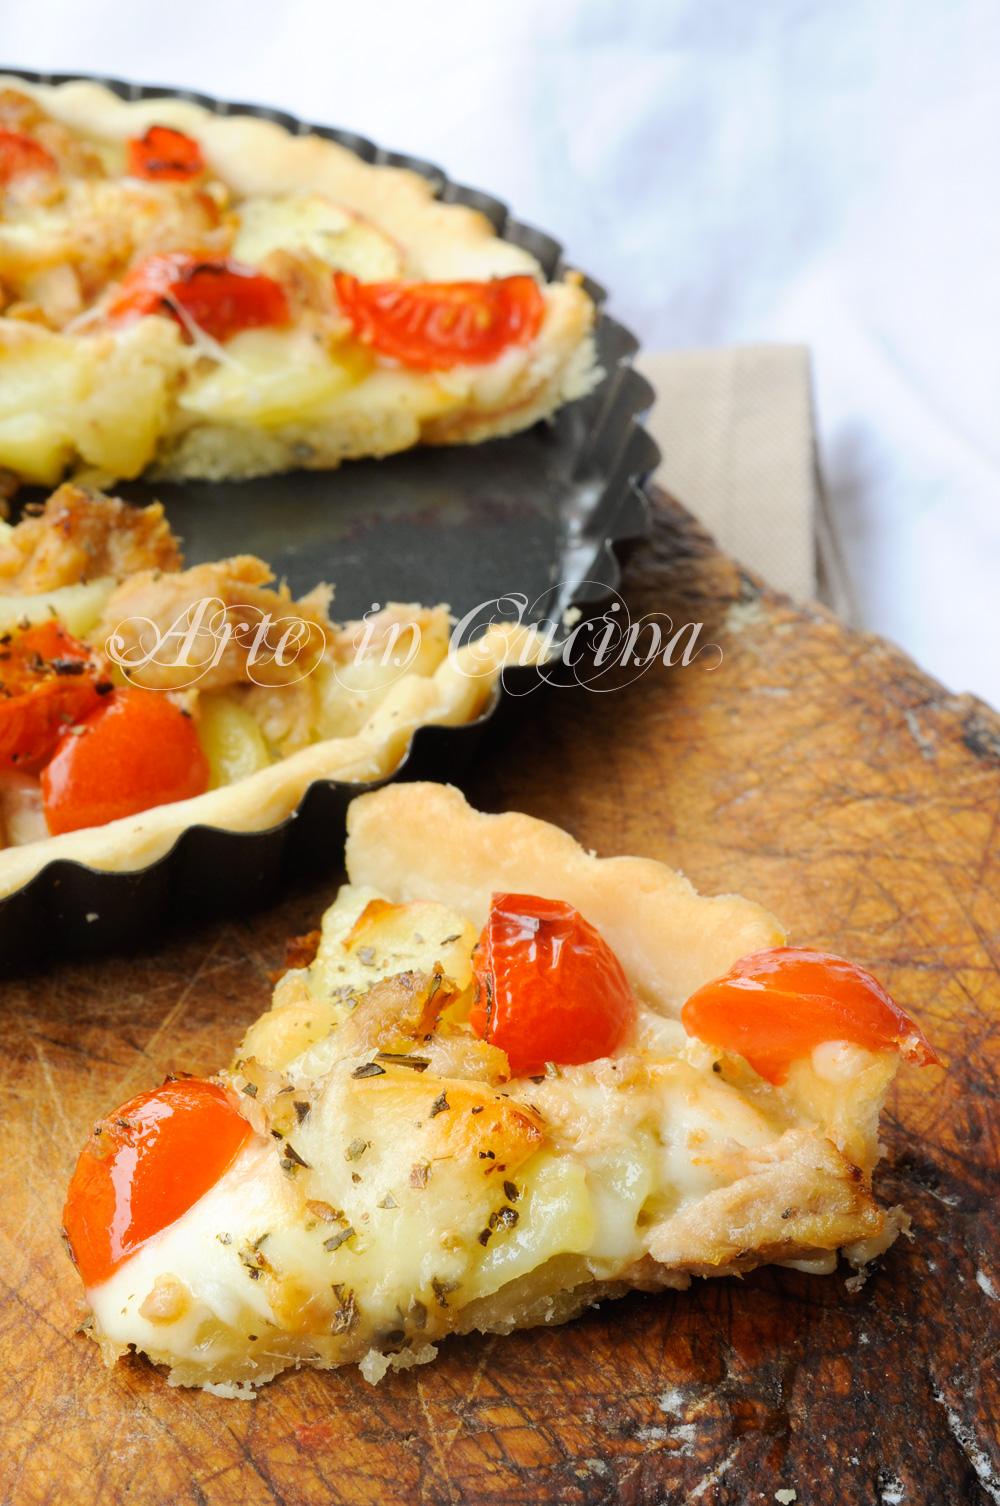 crostata-tonno-pomodori-patate-ricetta-veloce-2